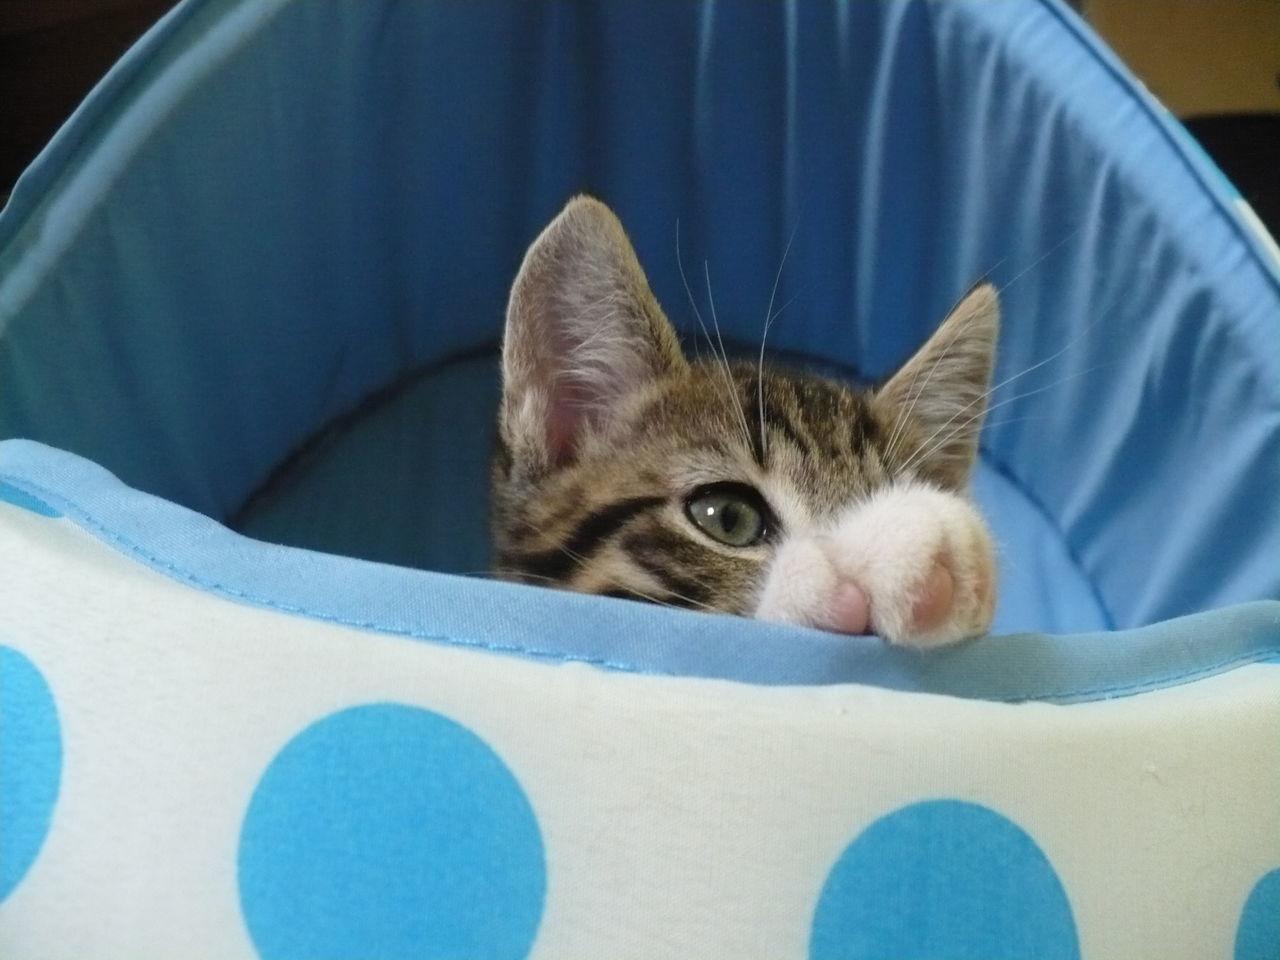 Cookie Kitten Tabbycats Cute Beautiful Kittens Kitten In Basket Playful Kitten